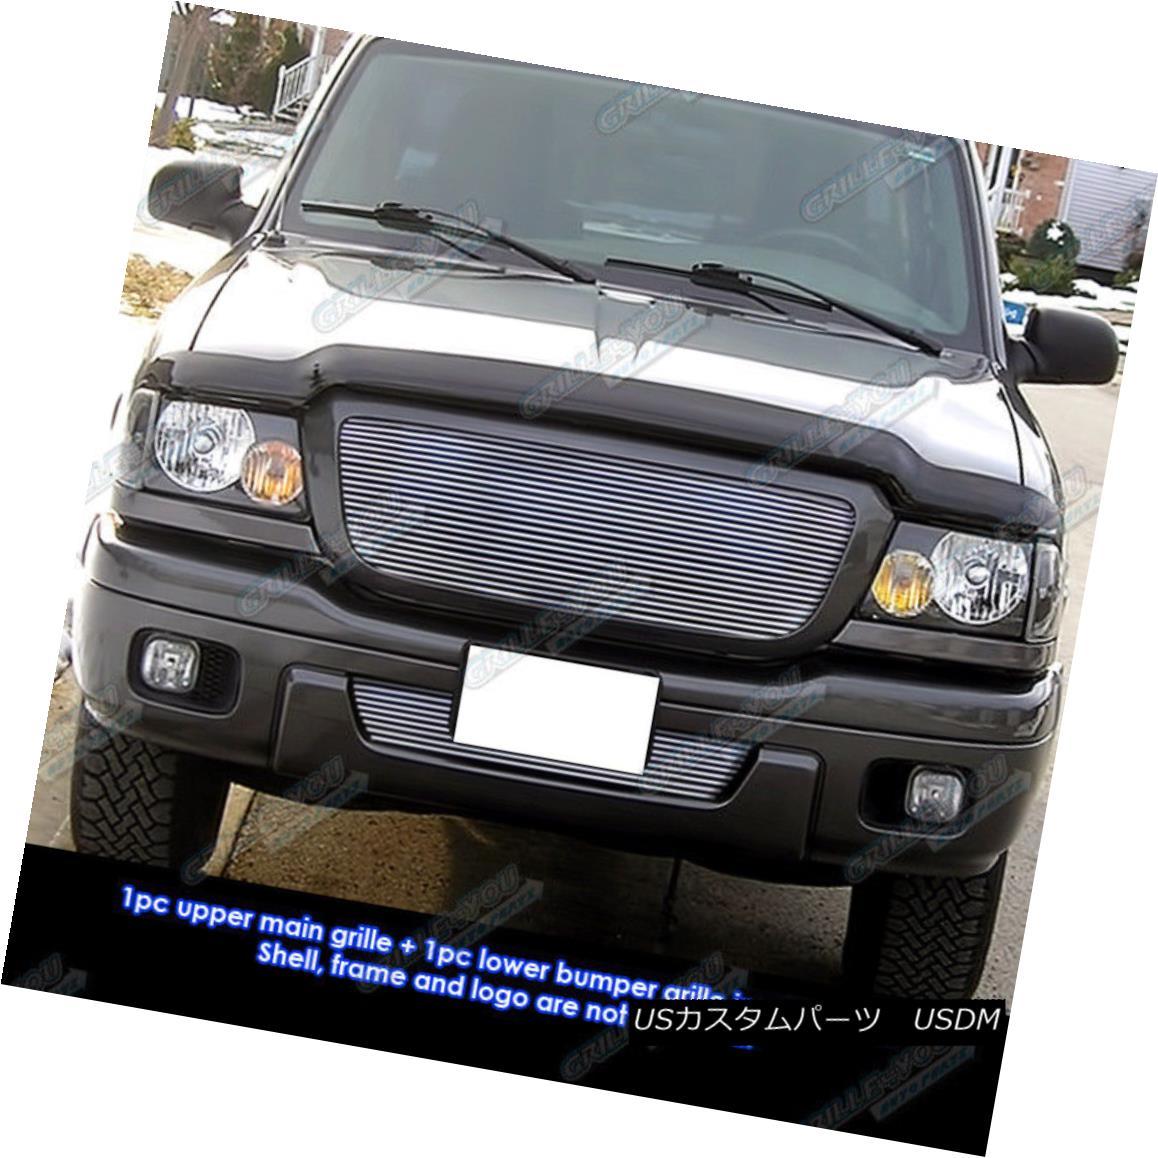 グリル Fits 2004-2005 Ford Ranger All Model Billet Grille Combo Insert フィット2004-2005フォードレンジャーすべてのモデルビレットグリルコンボインサート